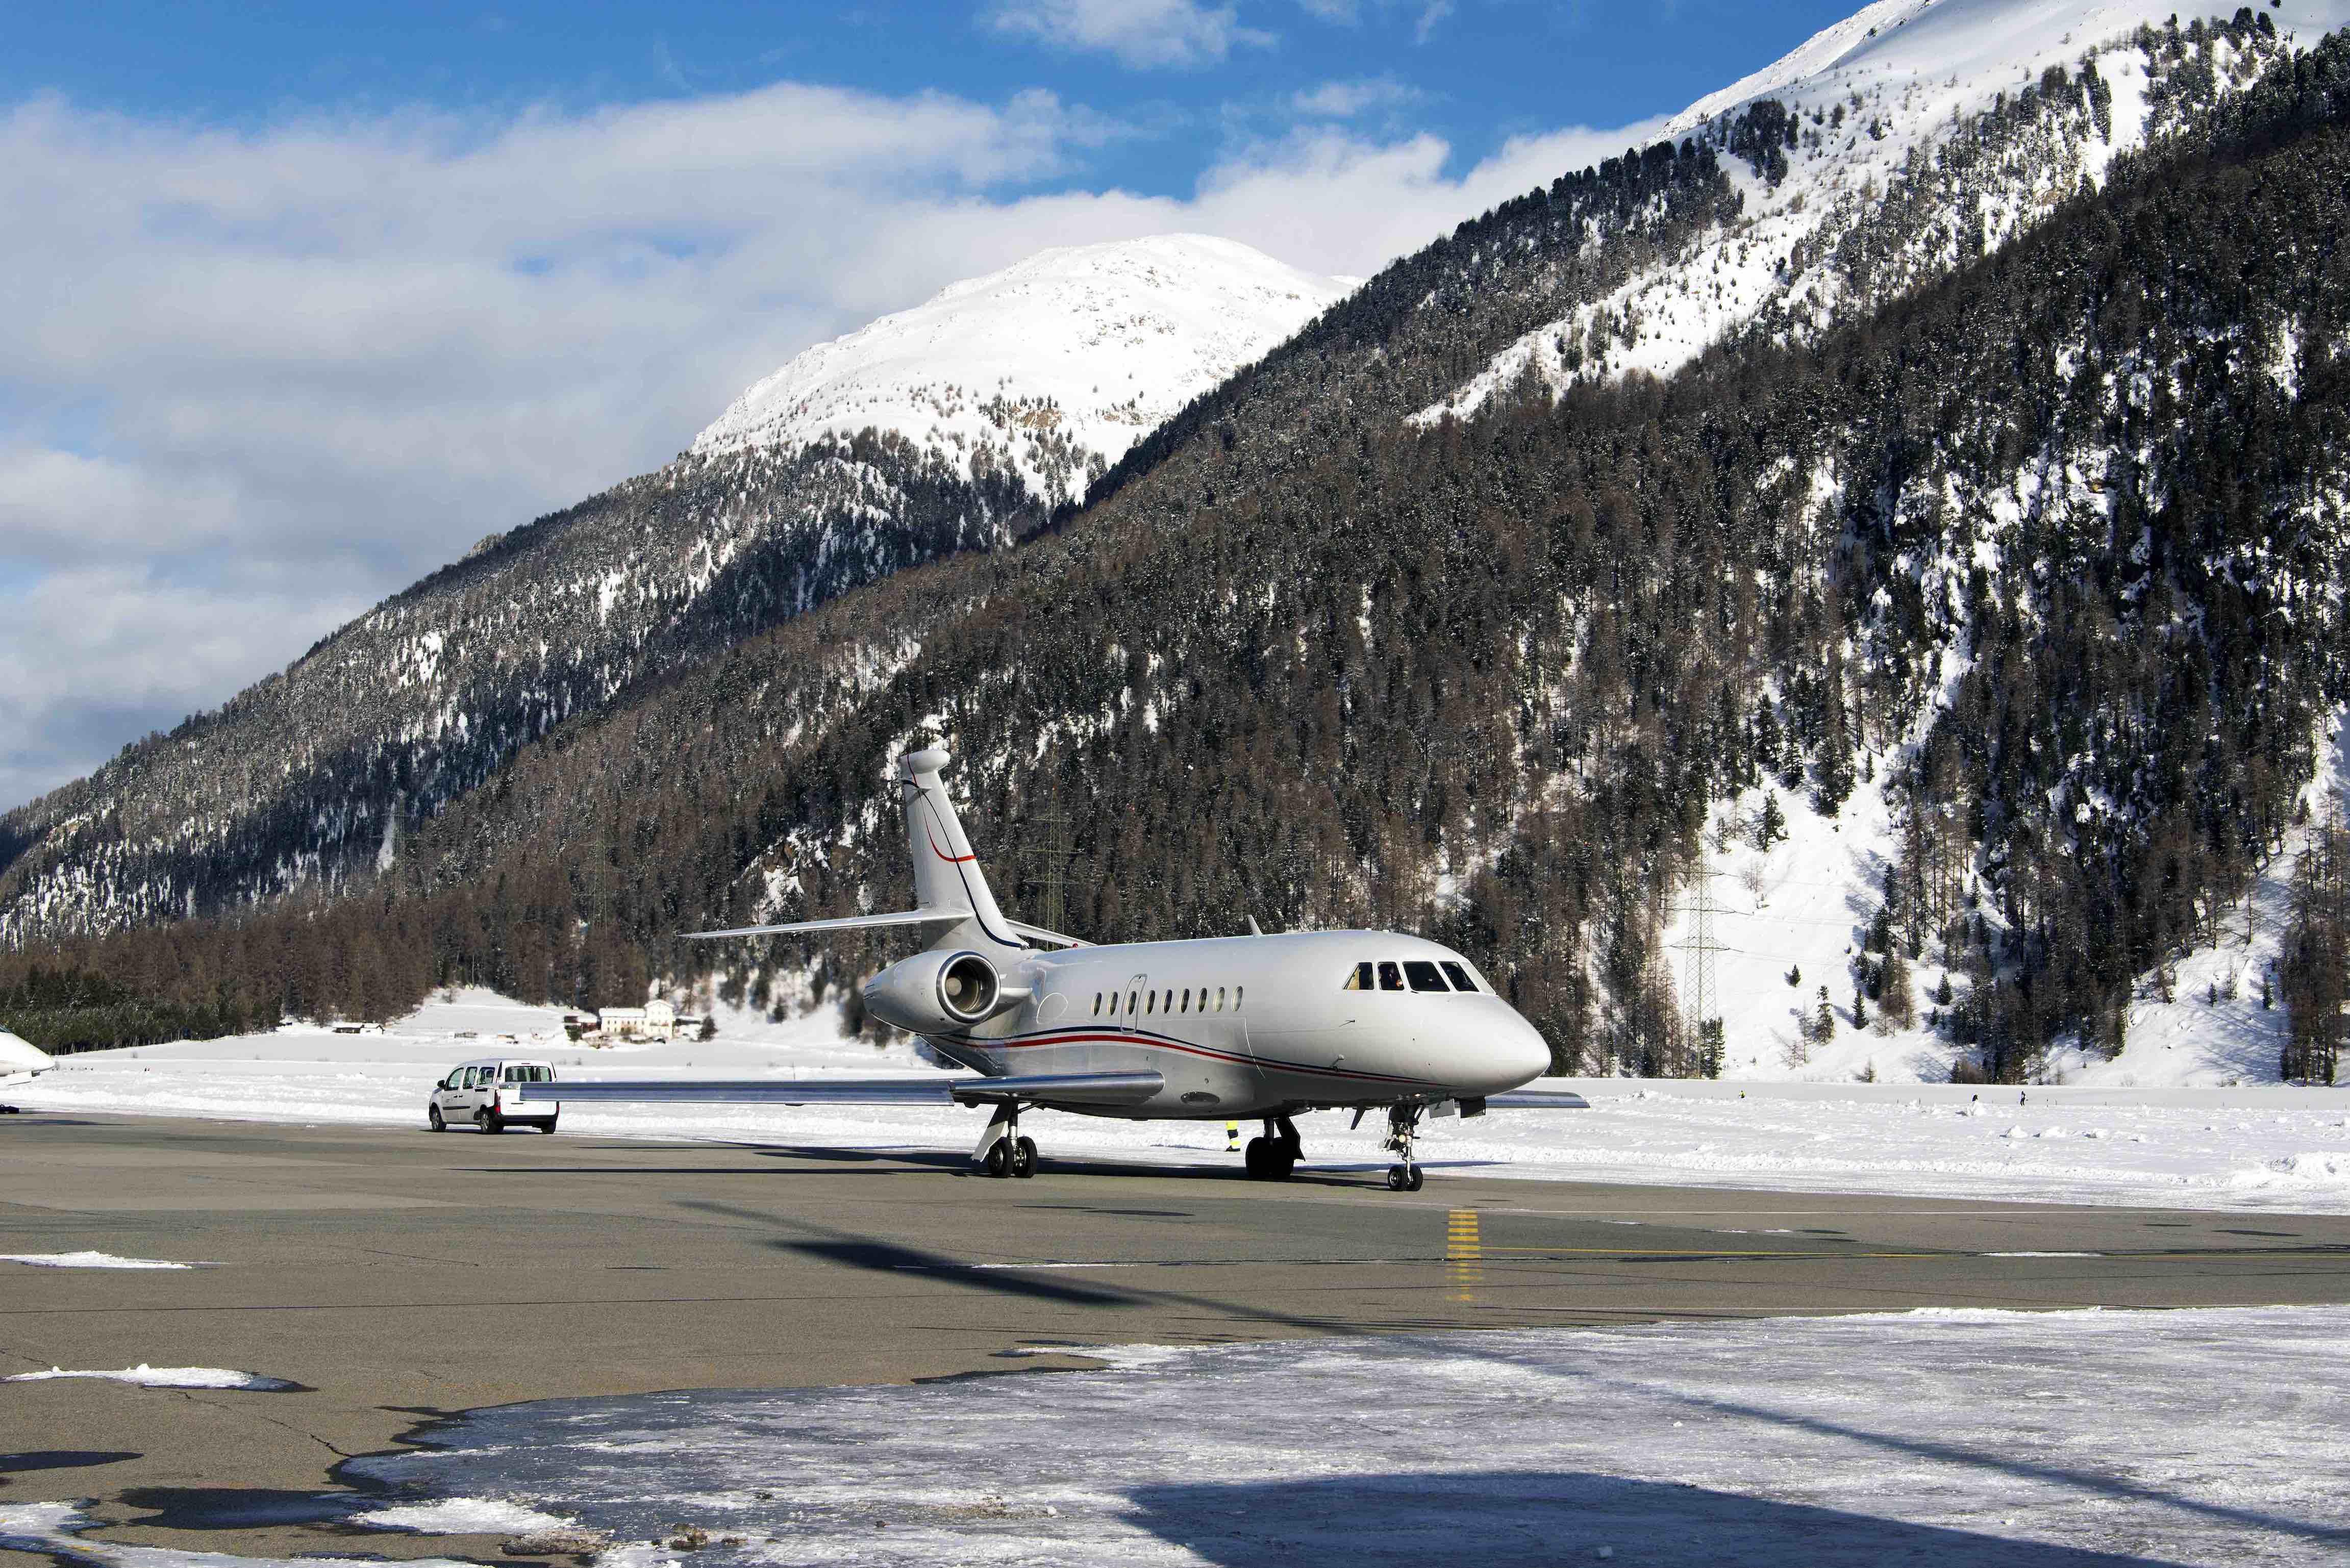 Les stations de ski en jet privé et en hélicoptère